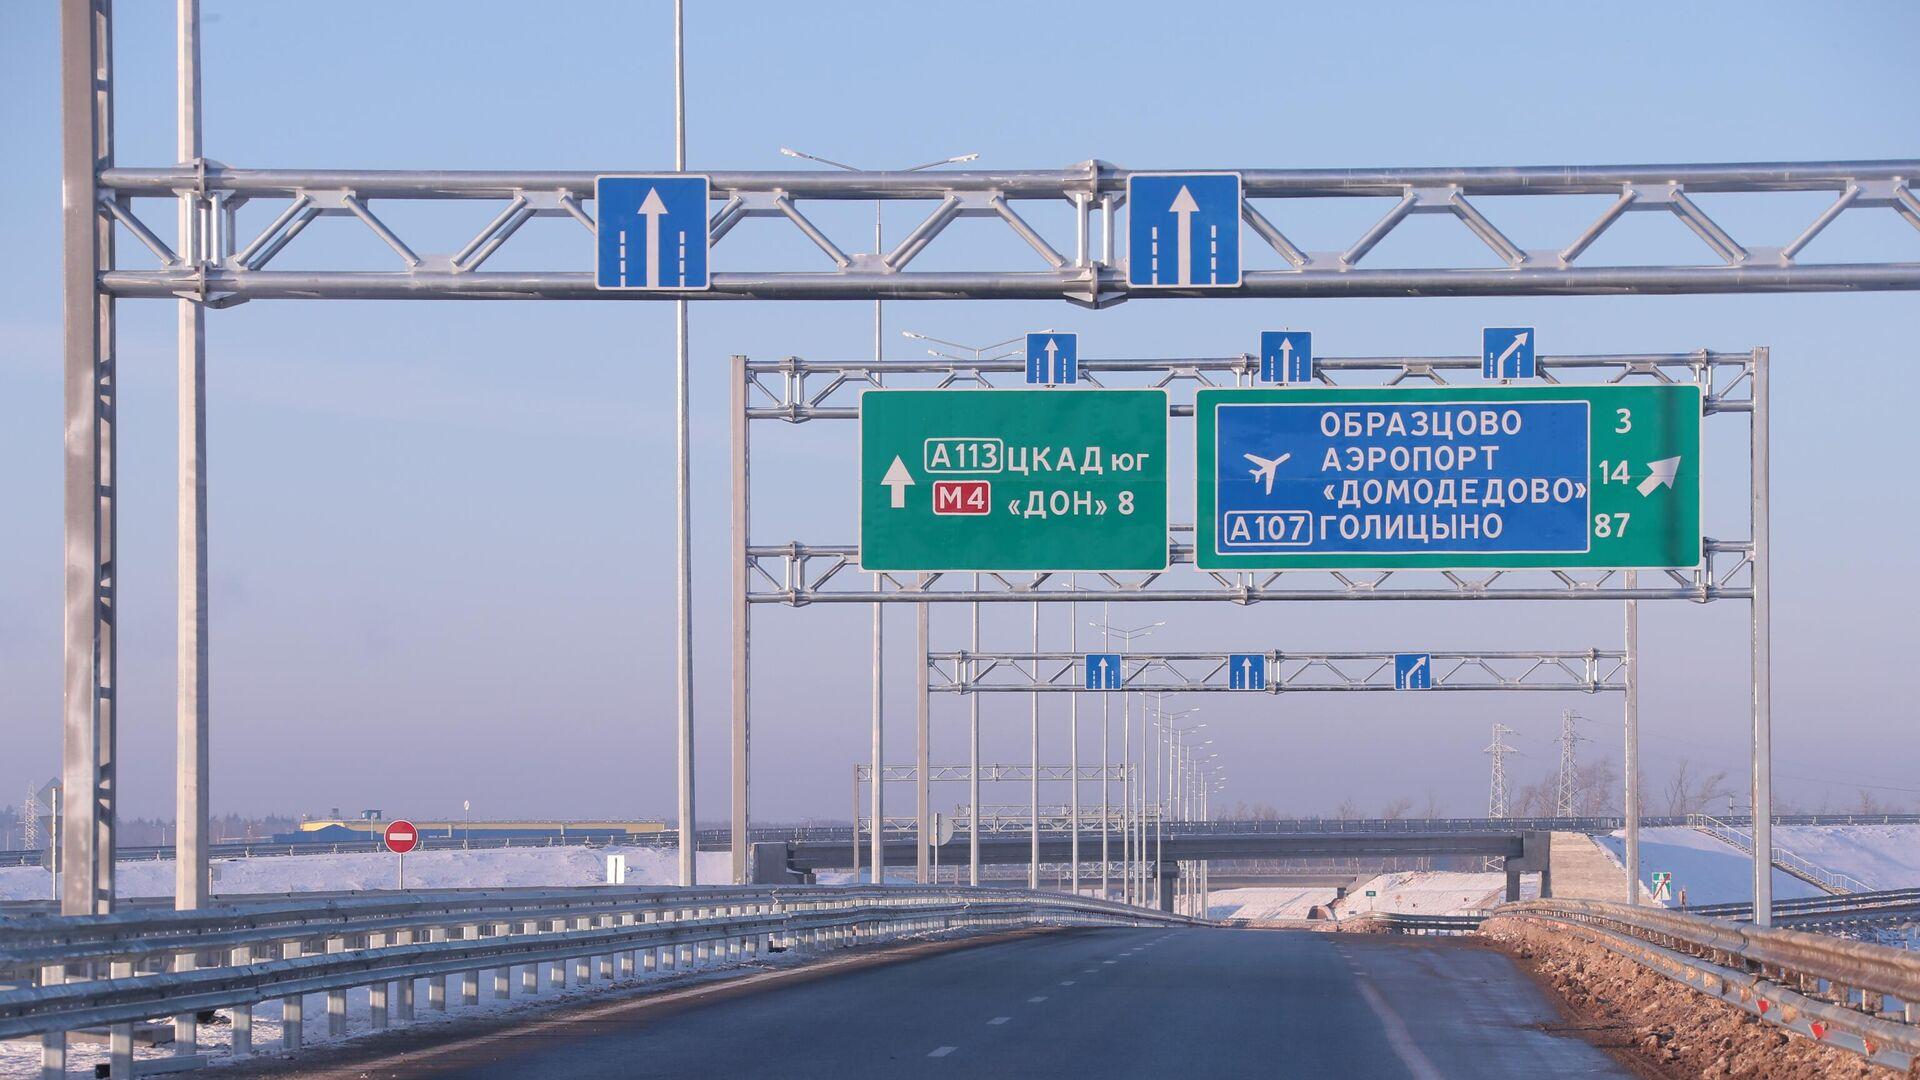 Открытие движения на участке четвертого пускового комплекса ЦКАД-4 - РИА Новости, 1920, 17.02.2021